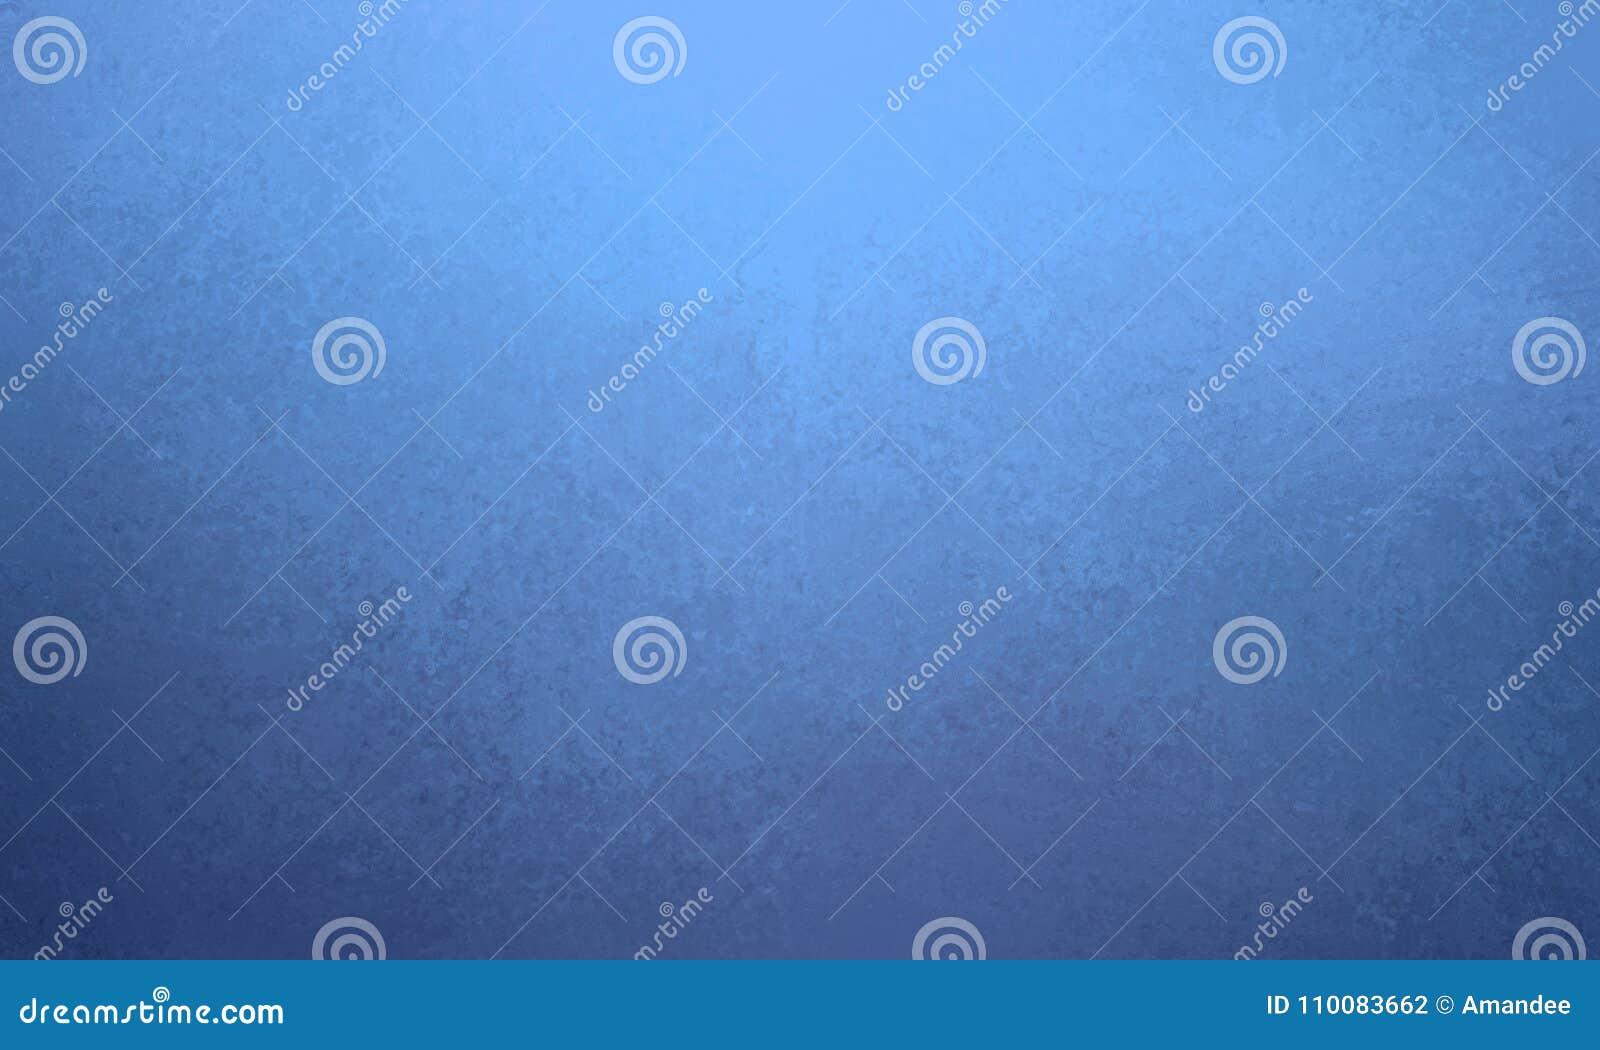 Свет - голубой дизайн предпосылки с синей текстурой границы и года сбора винограда, цветом сини градиента